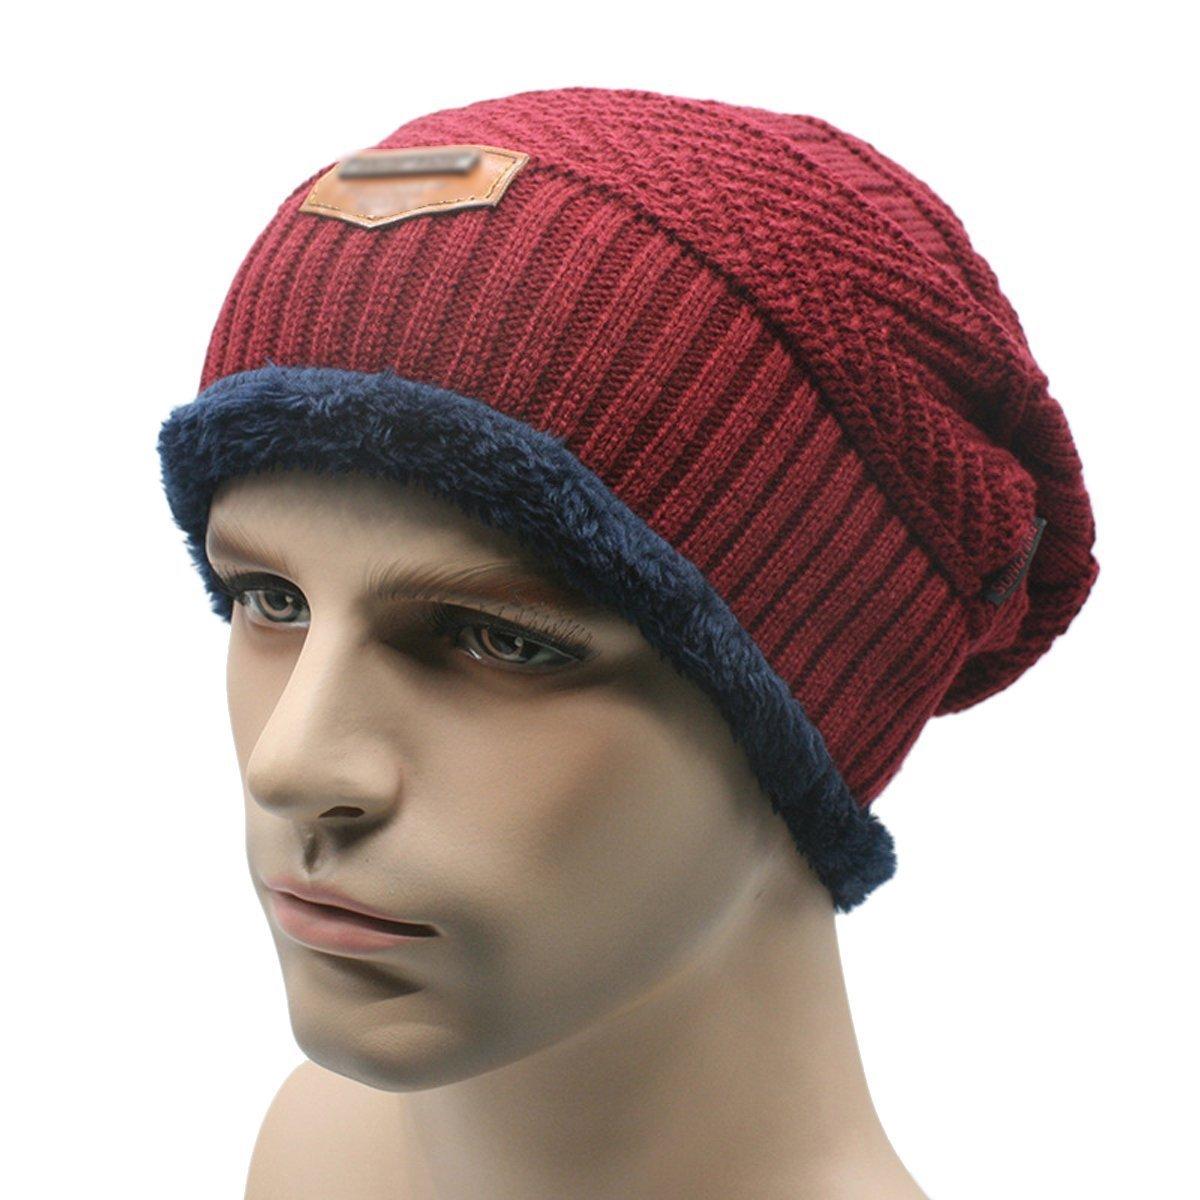 HugeStore Men's Winter Warm Fleece Lined Crochet Beanie Skull Cap Hat Ski Hat Knitted Beanie Cap Coffee